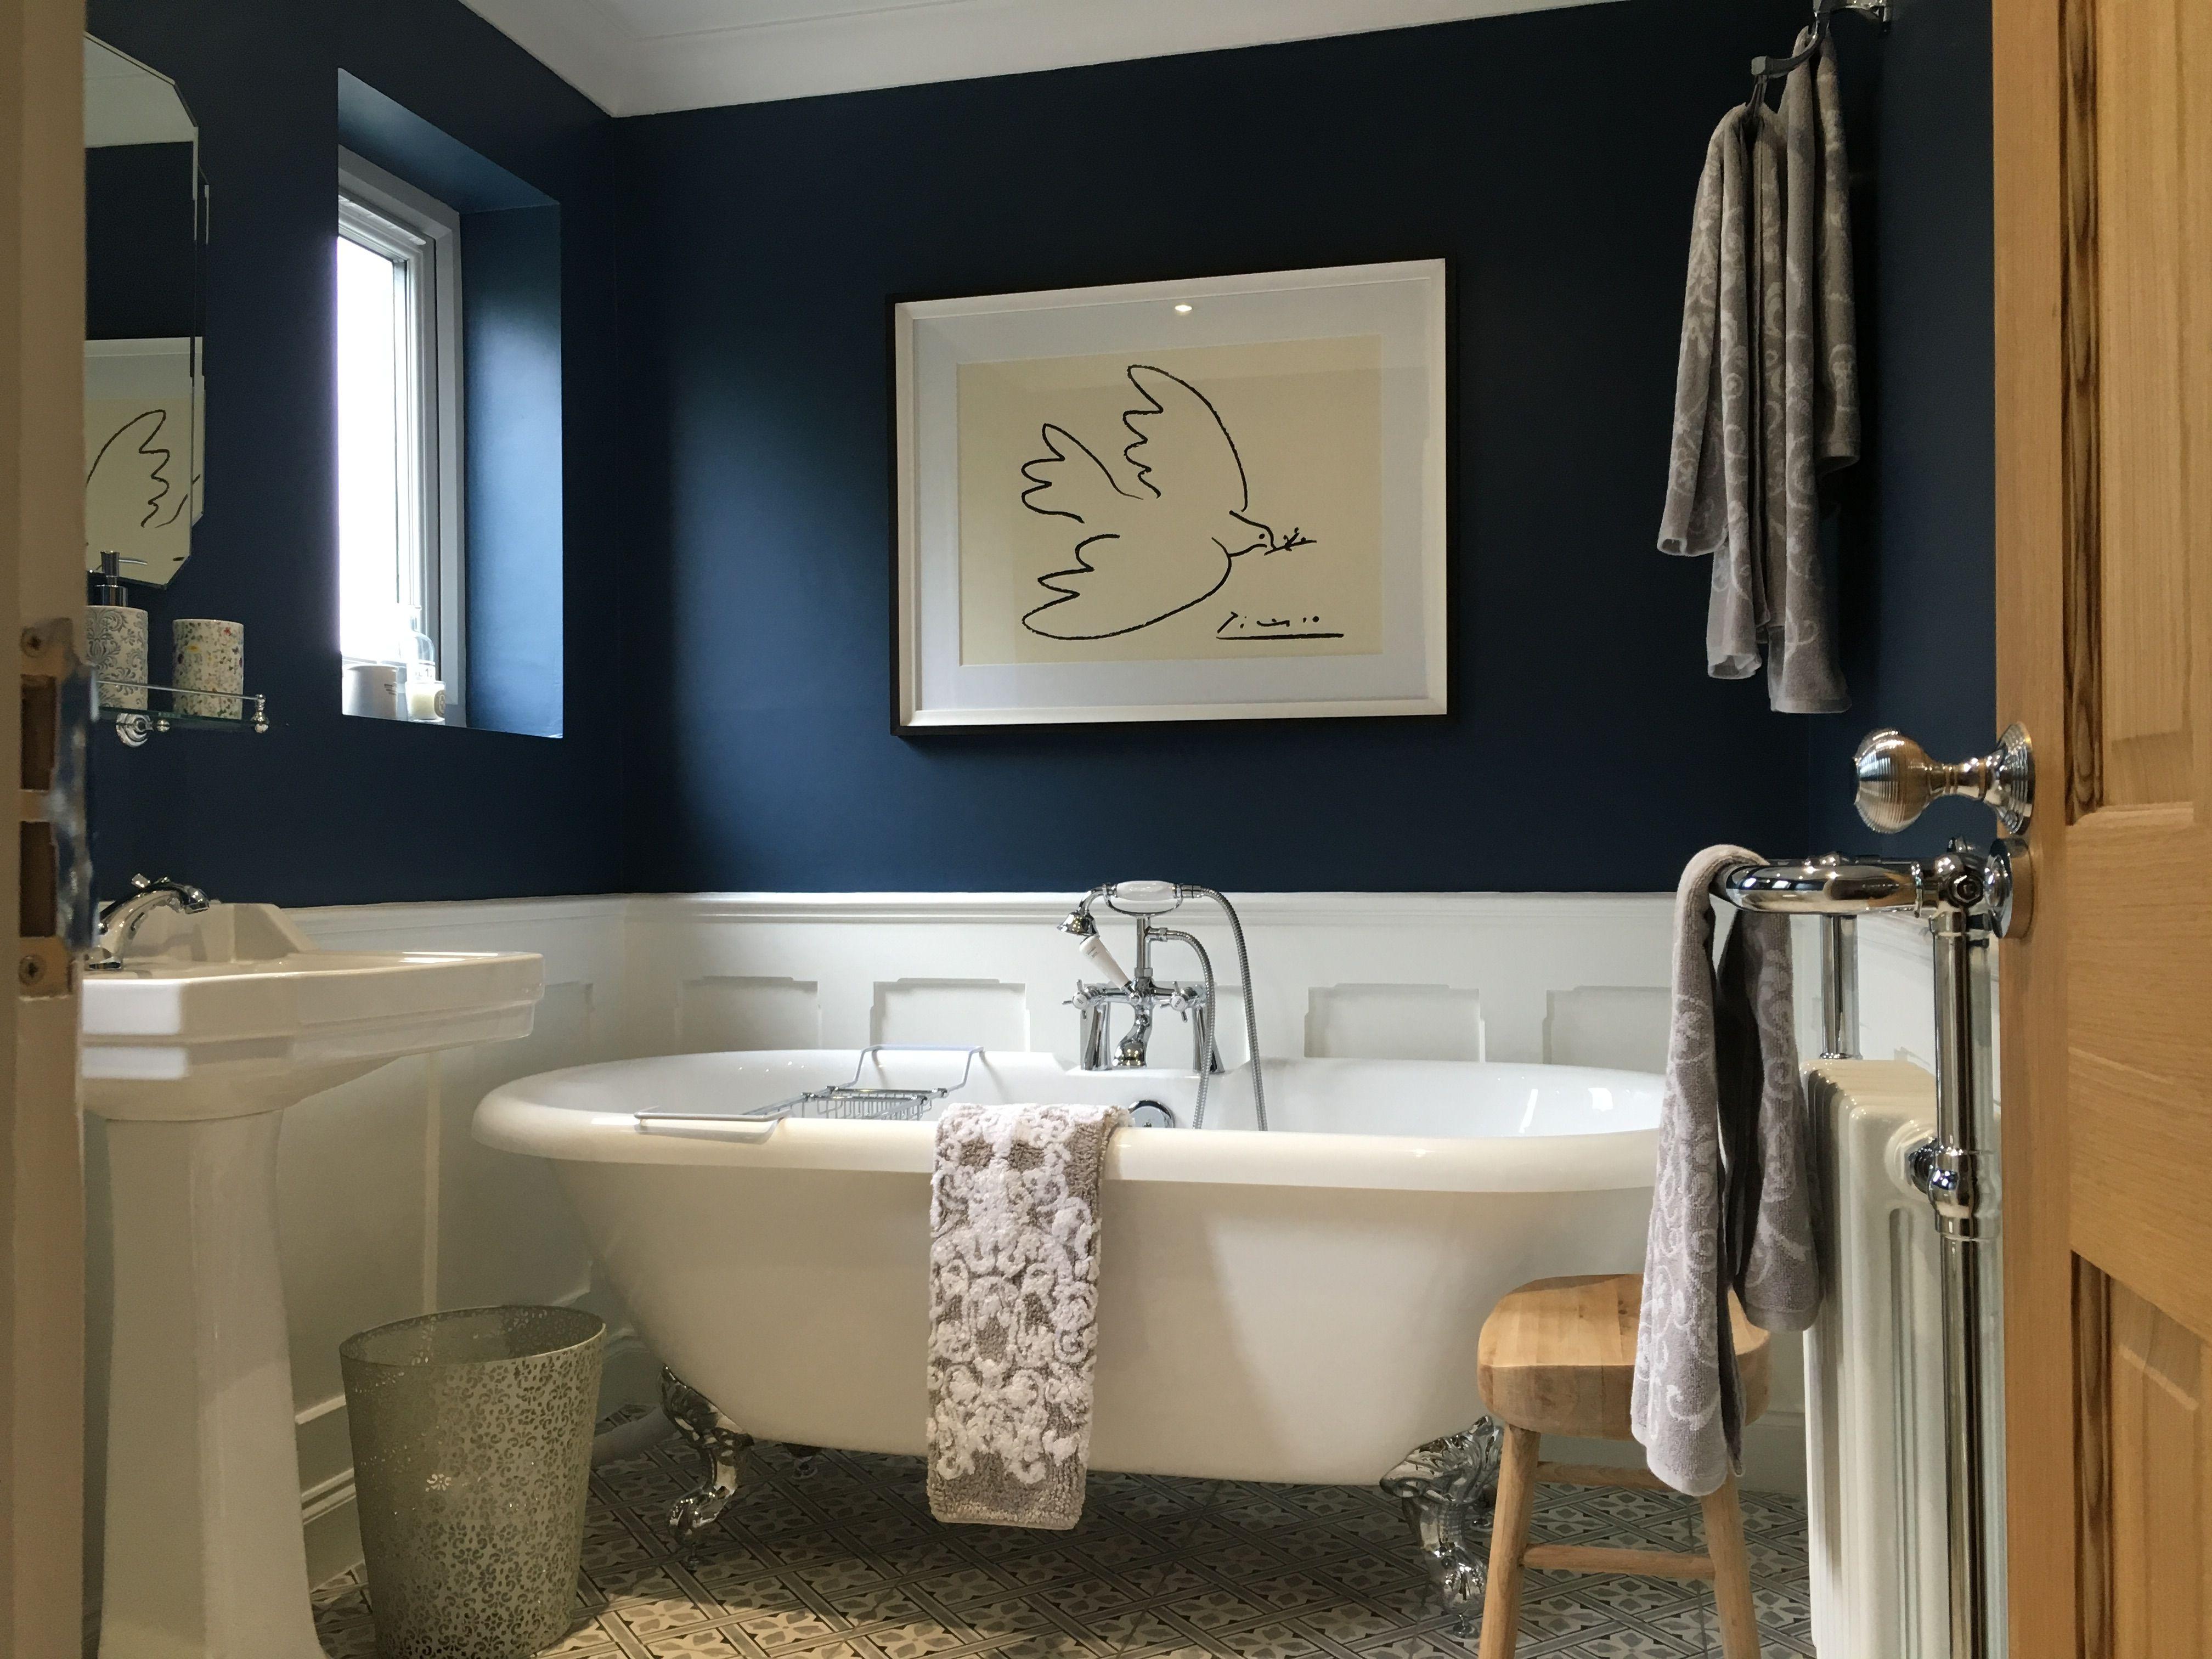 Idée Peinture Petite Salle De Bain couleur] du bleu dans la salle de bain | cocon - déco & vie